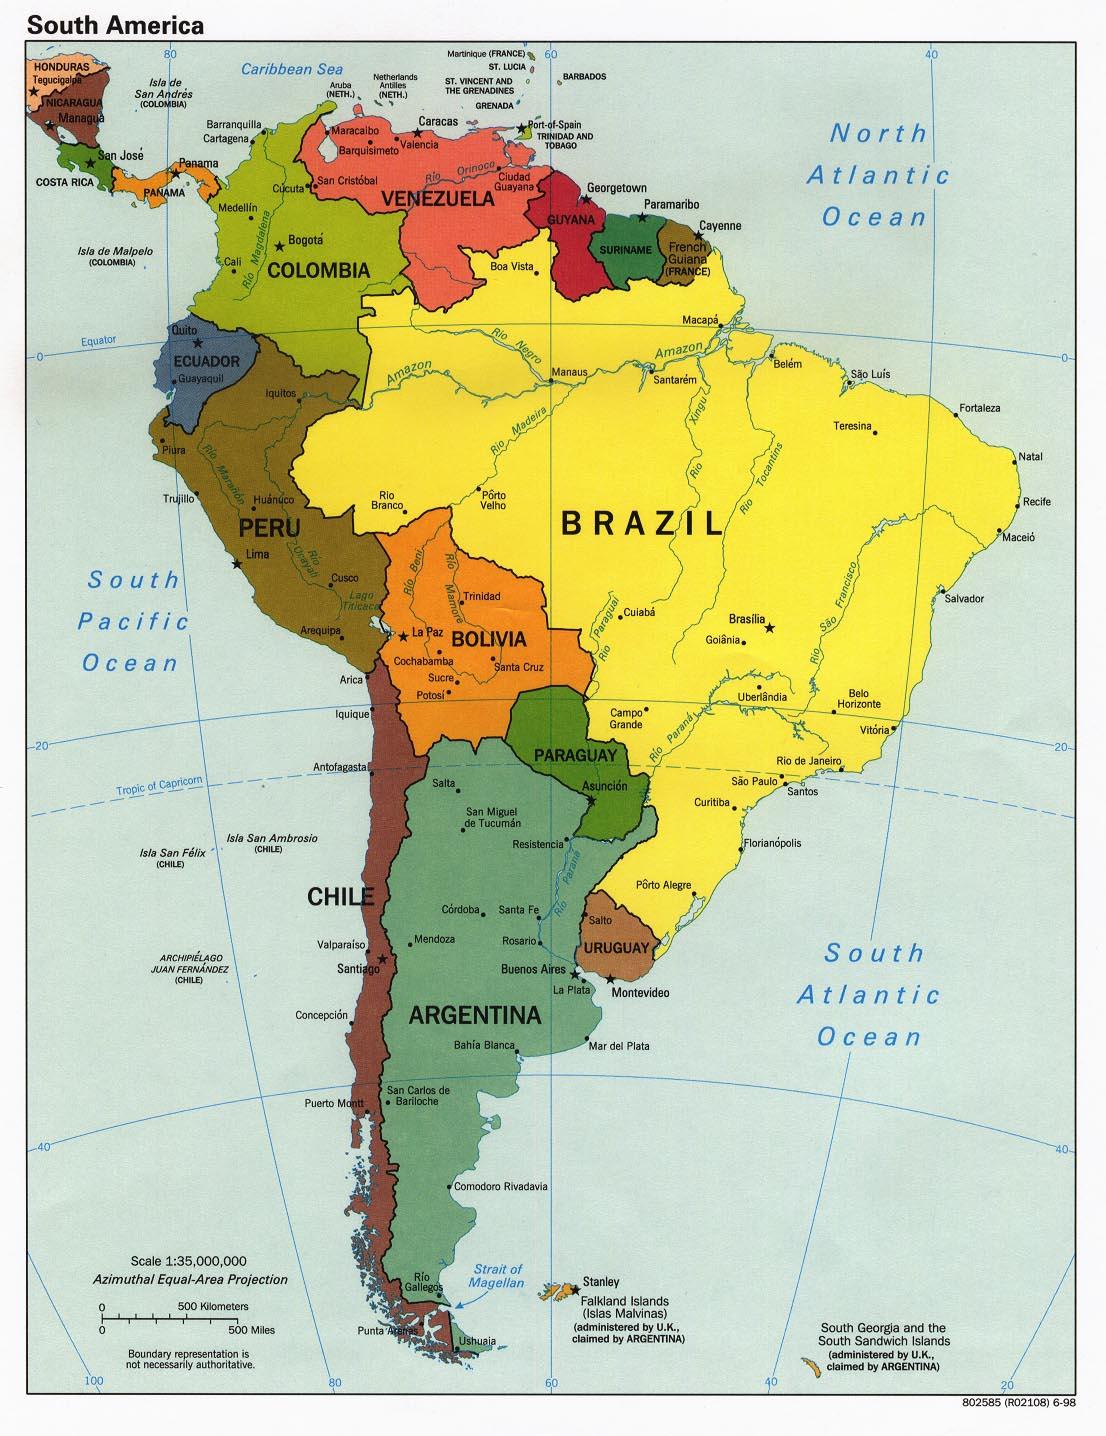 南美洲地圖 South America Maps - 南美洲地圖 South Amercia Map - 美景旅遊網